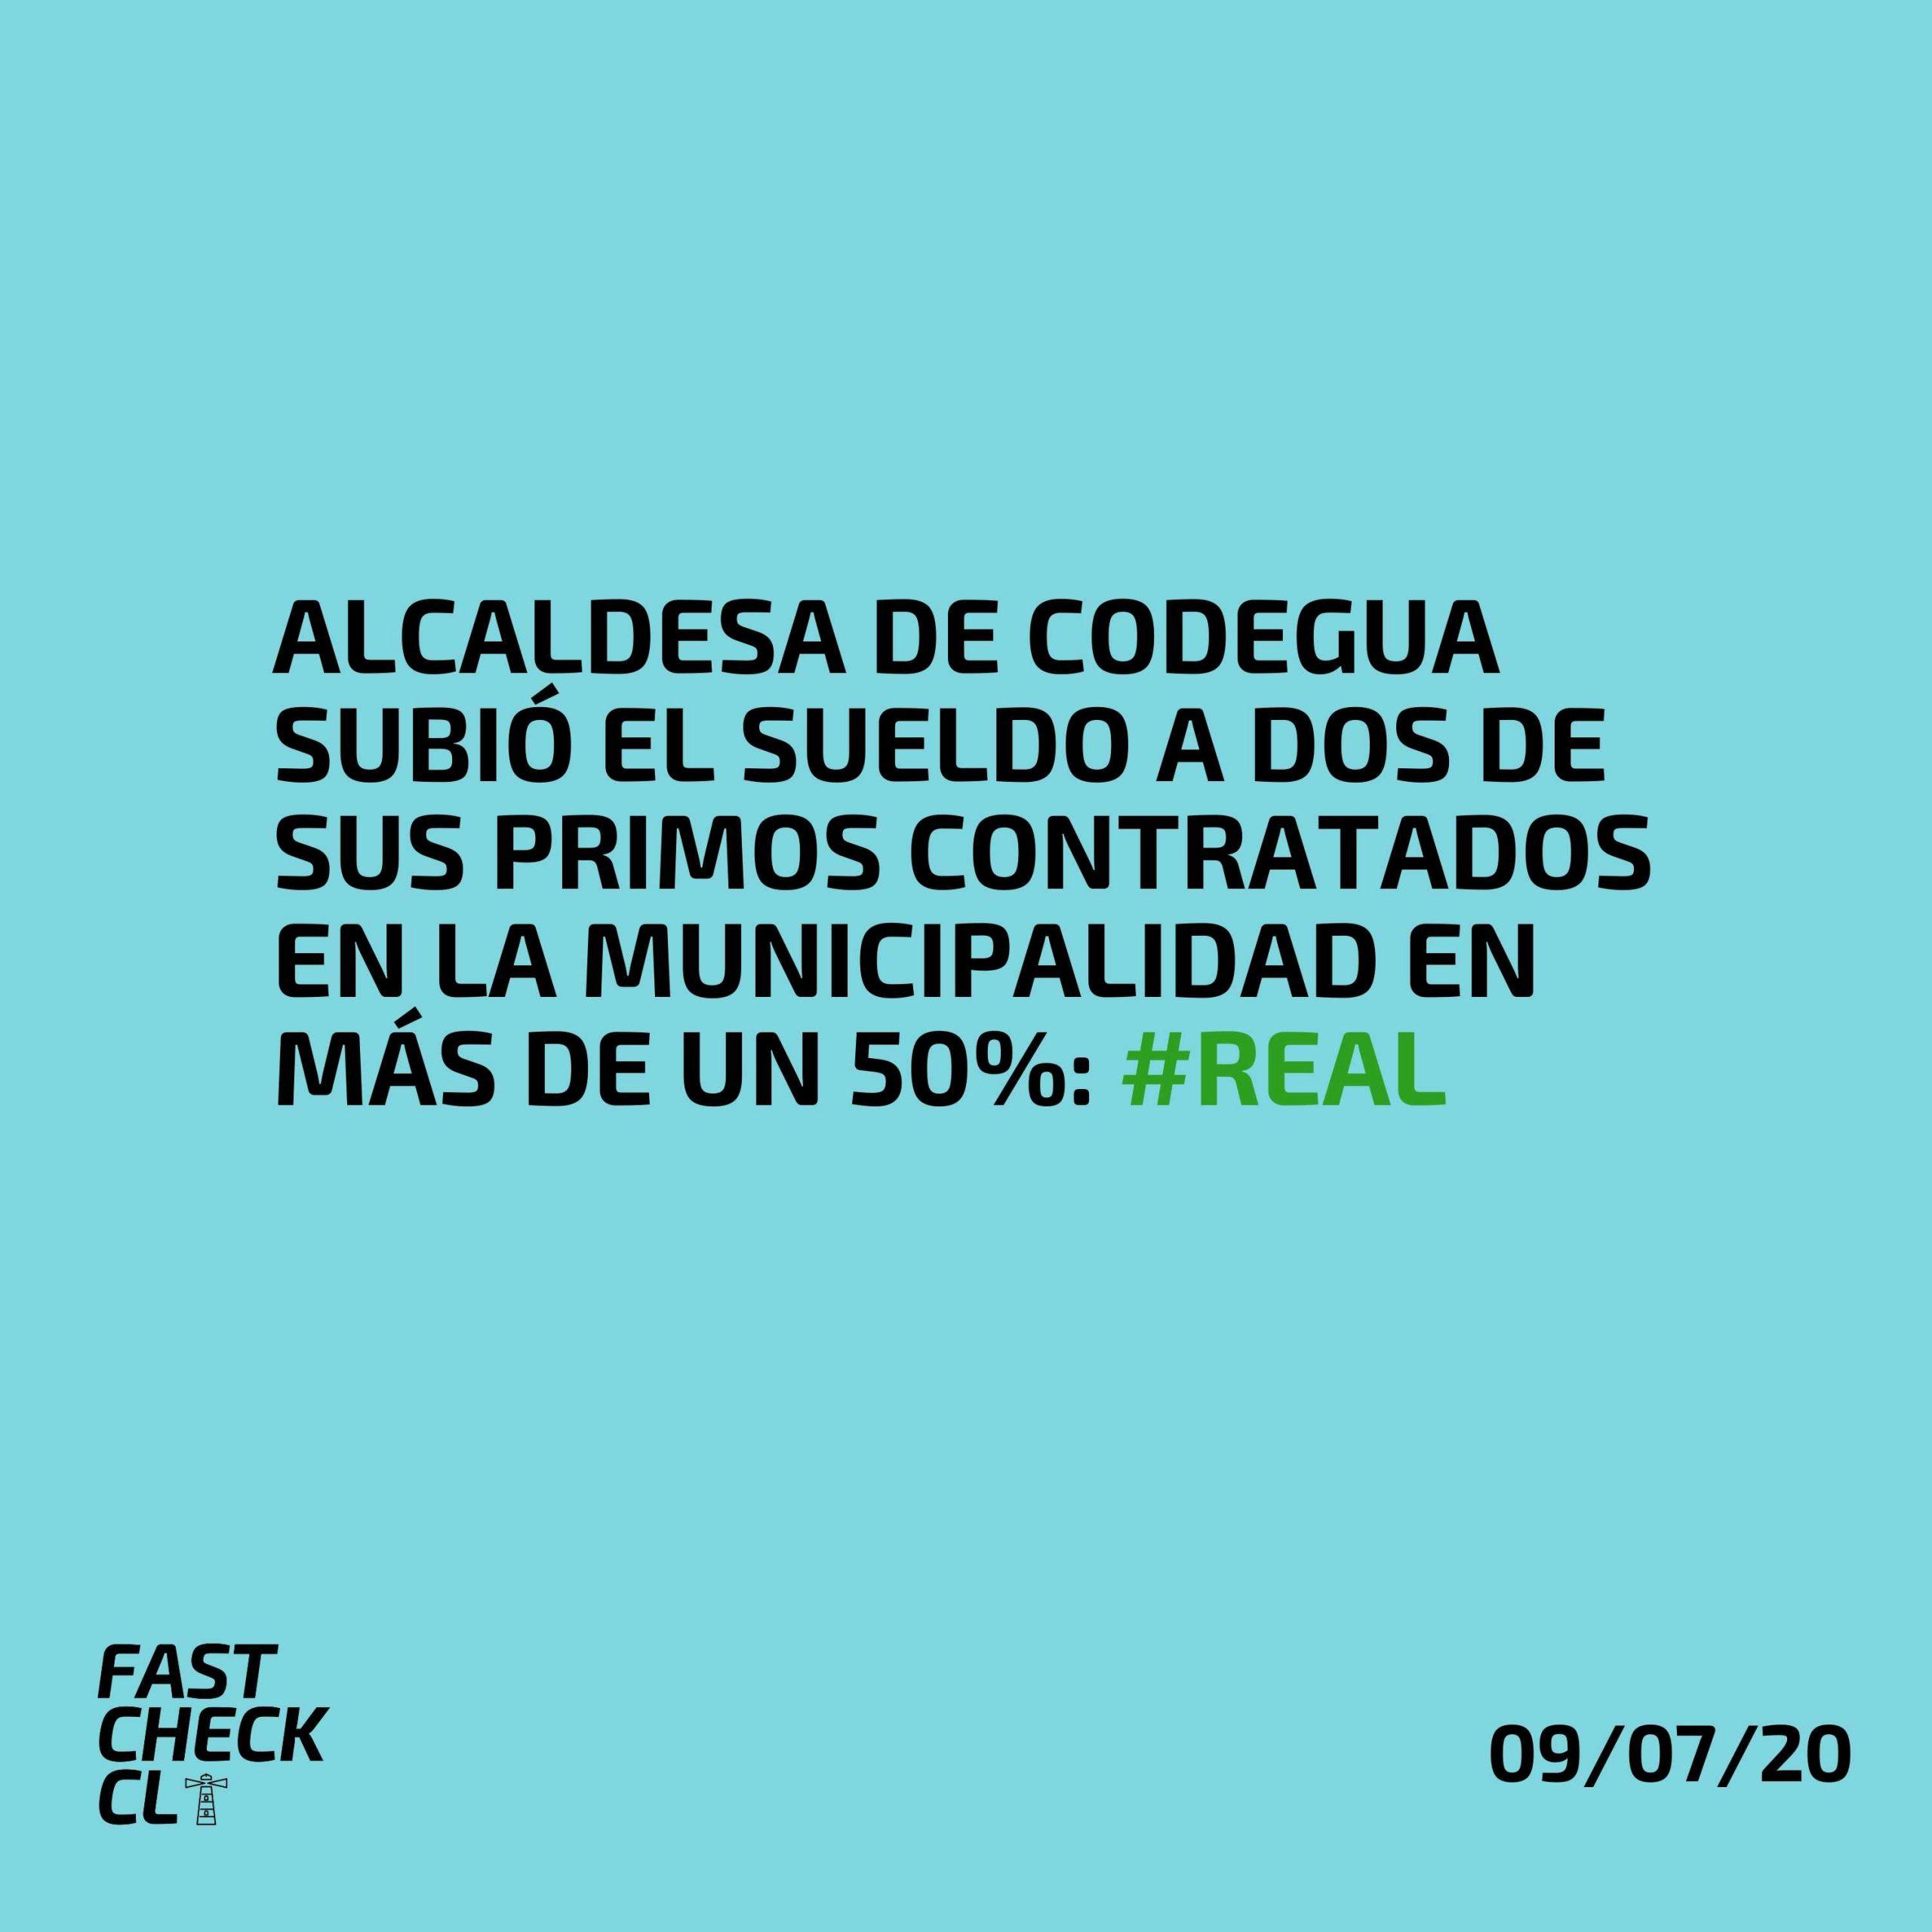 Alcaldesa de Codegua subió el sueldo a dos de sus primos contratados en la municipalidad en más de un 50%: #Real